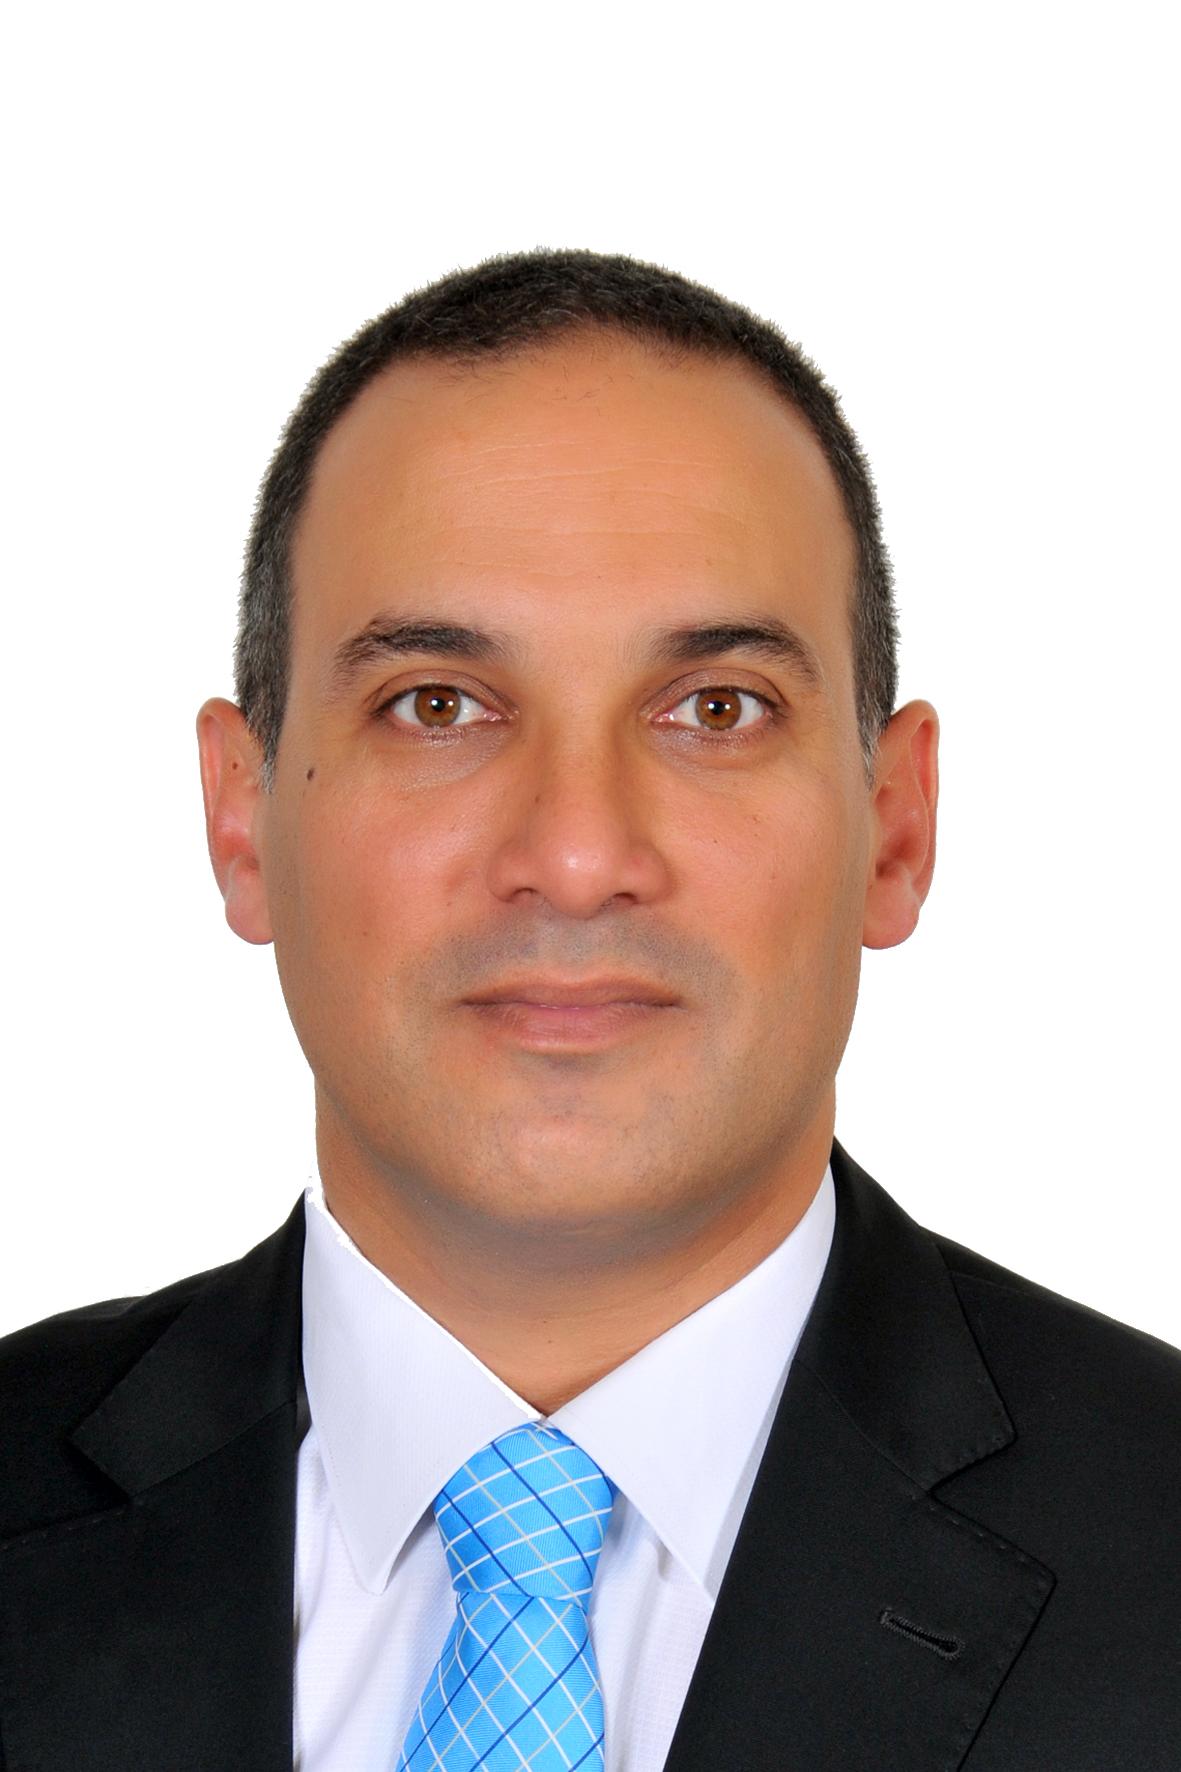 لبنان يحتاج إلى تشريع تقنية البلوكتشين